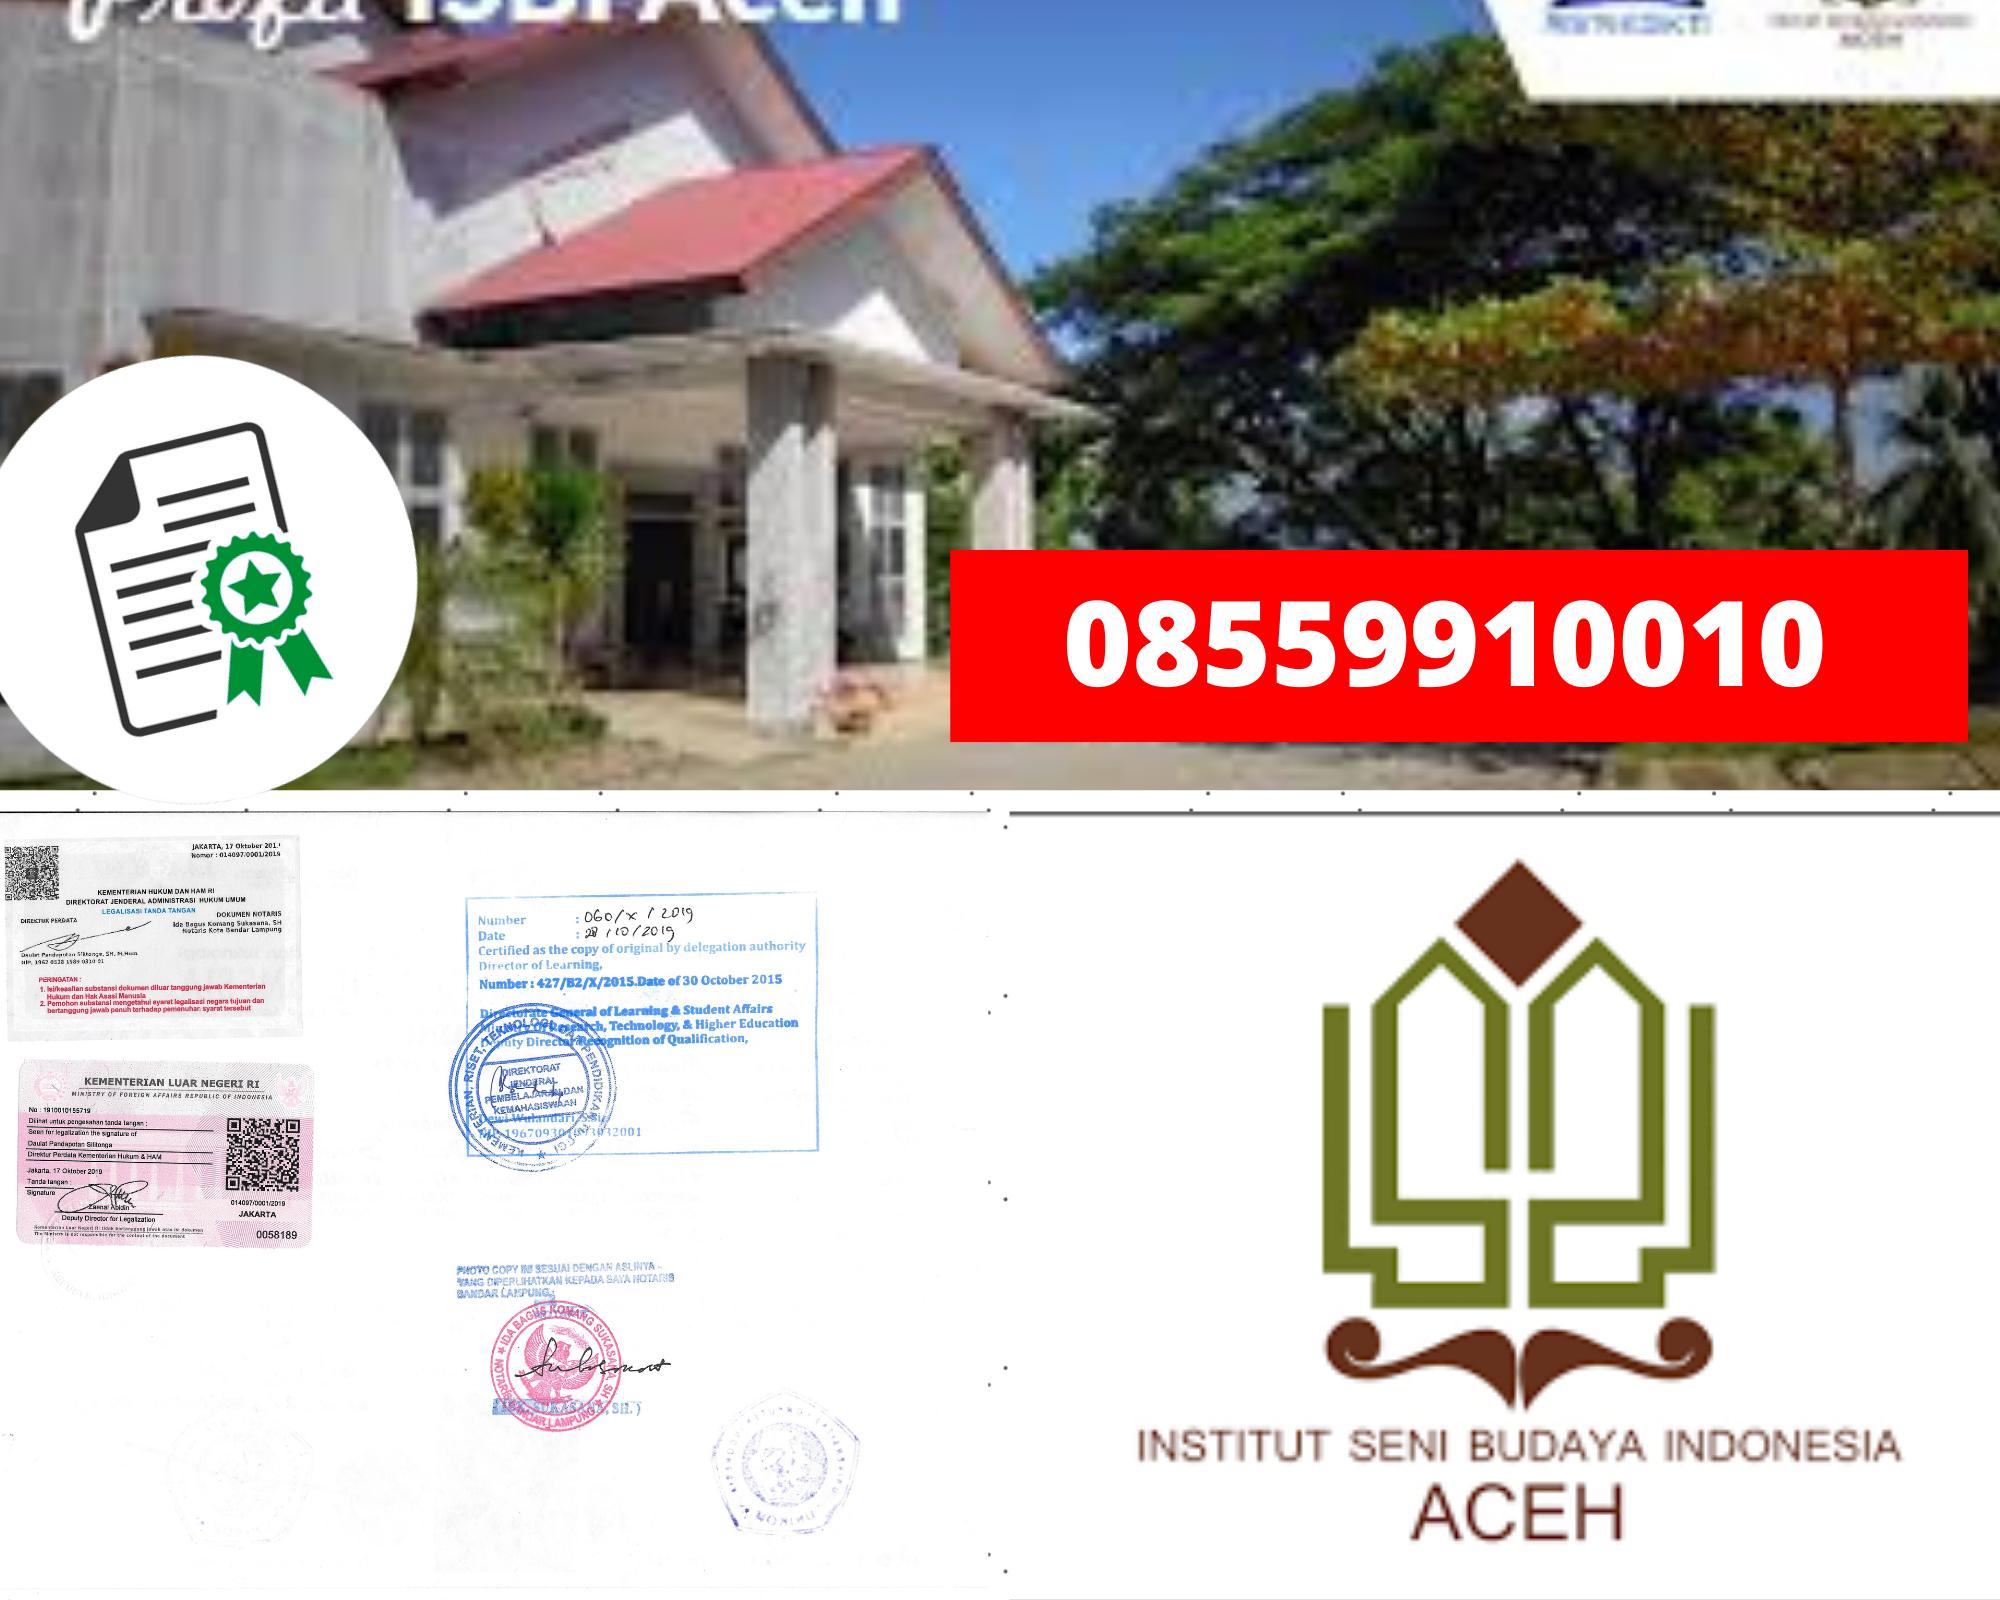 Legalisir Ijazah Institut Seni Dan Budaya Indonesia-Aceh Di Kemenristek Dikti || 08559910010